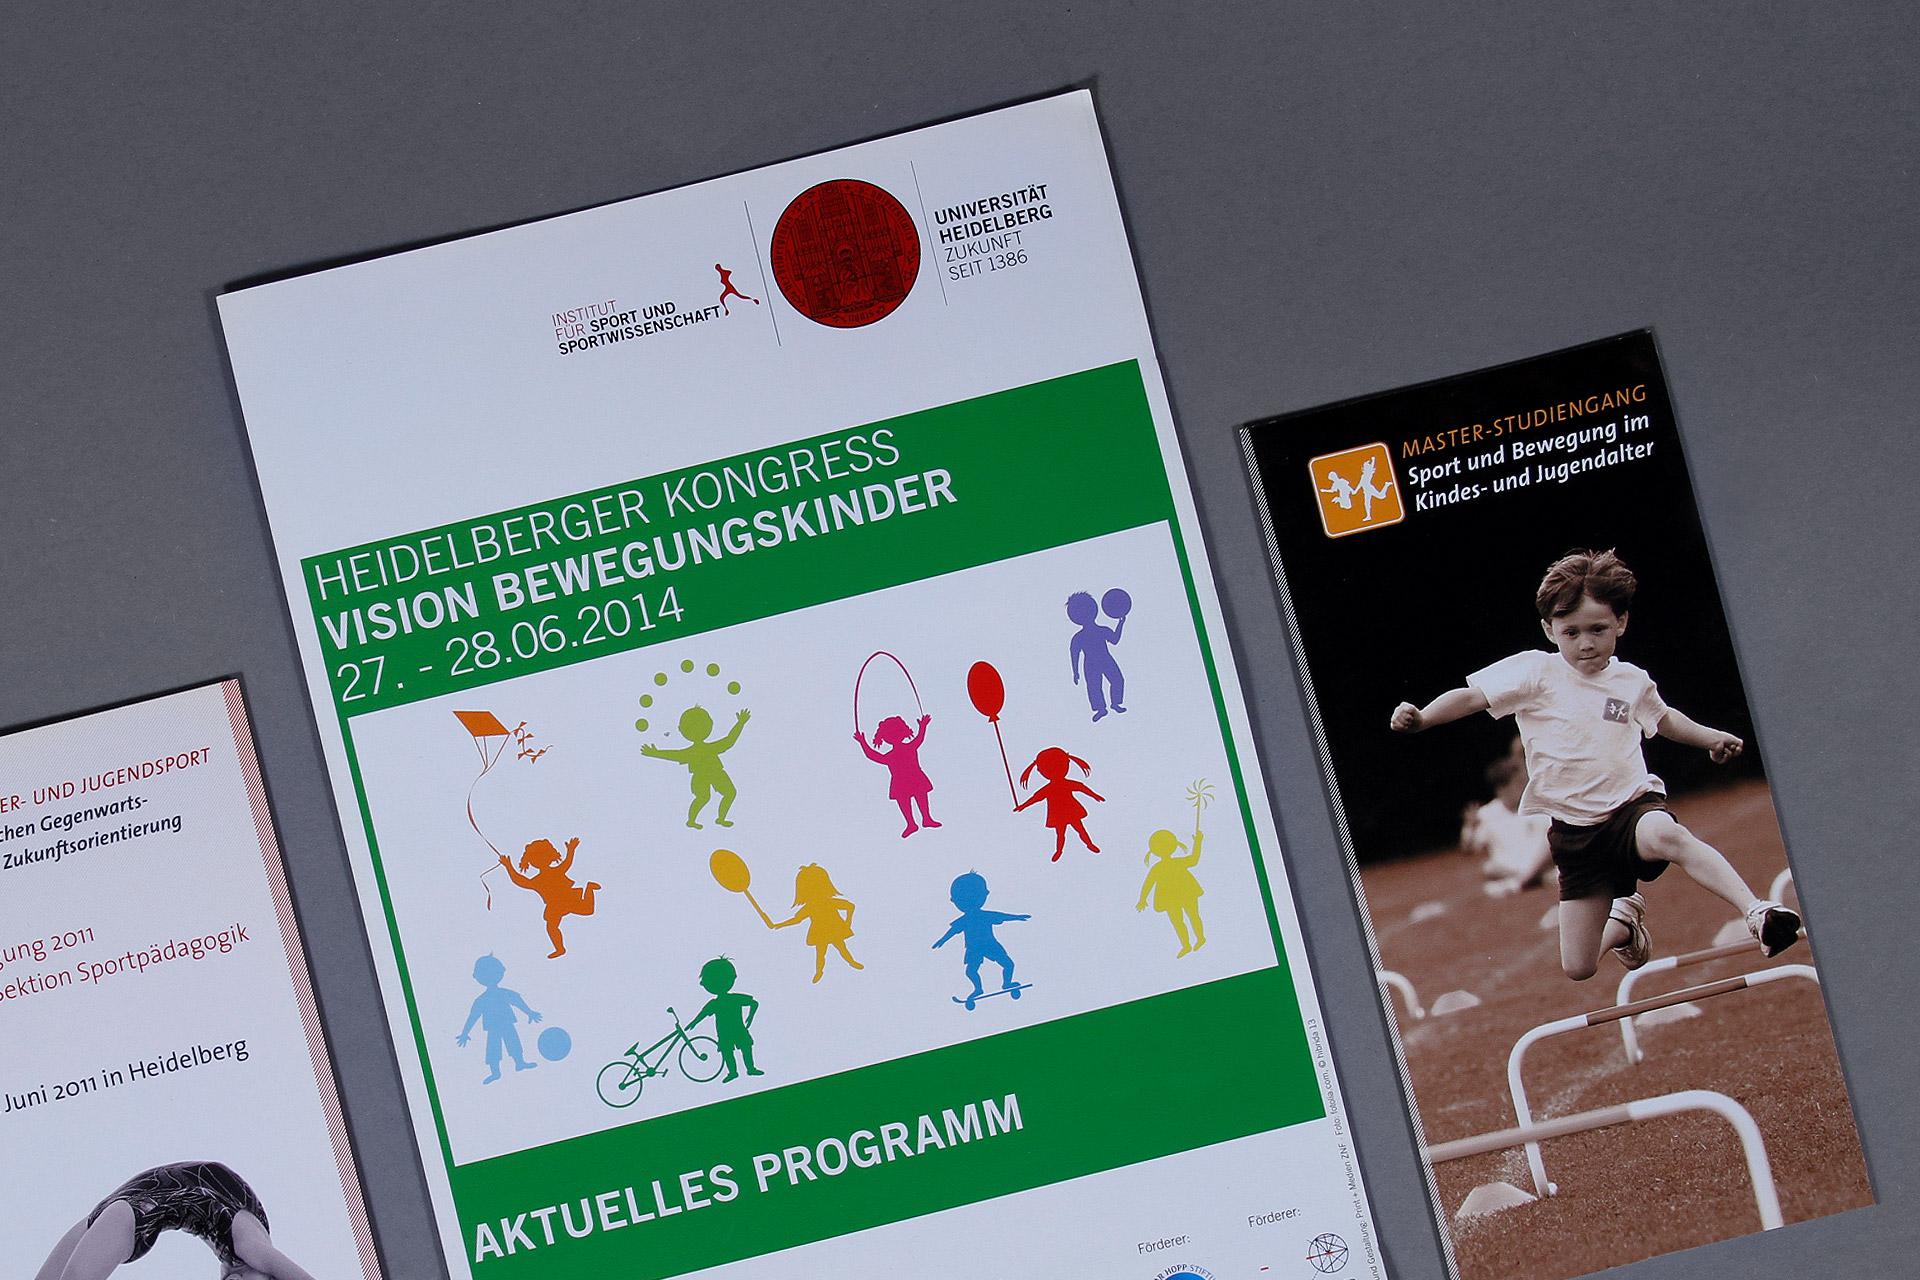 brandherde_Universitaet_Heidelberg-01